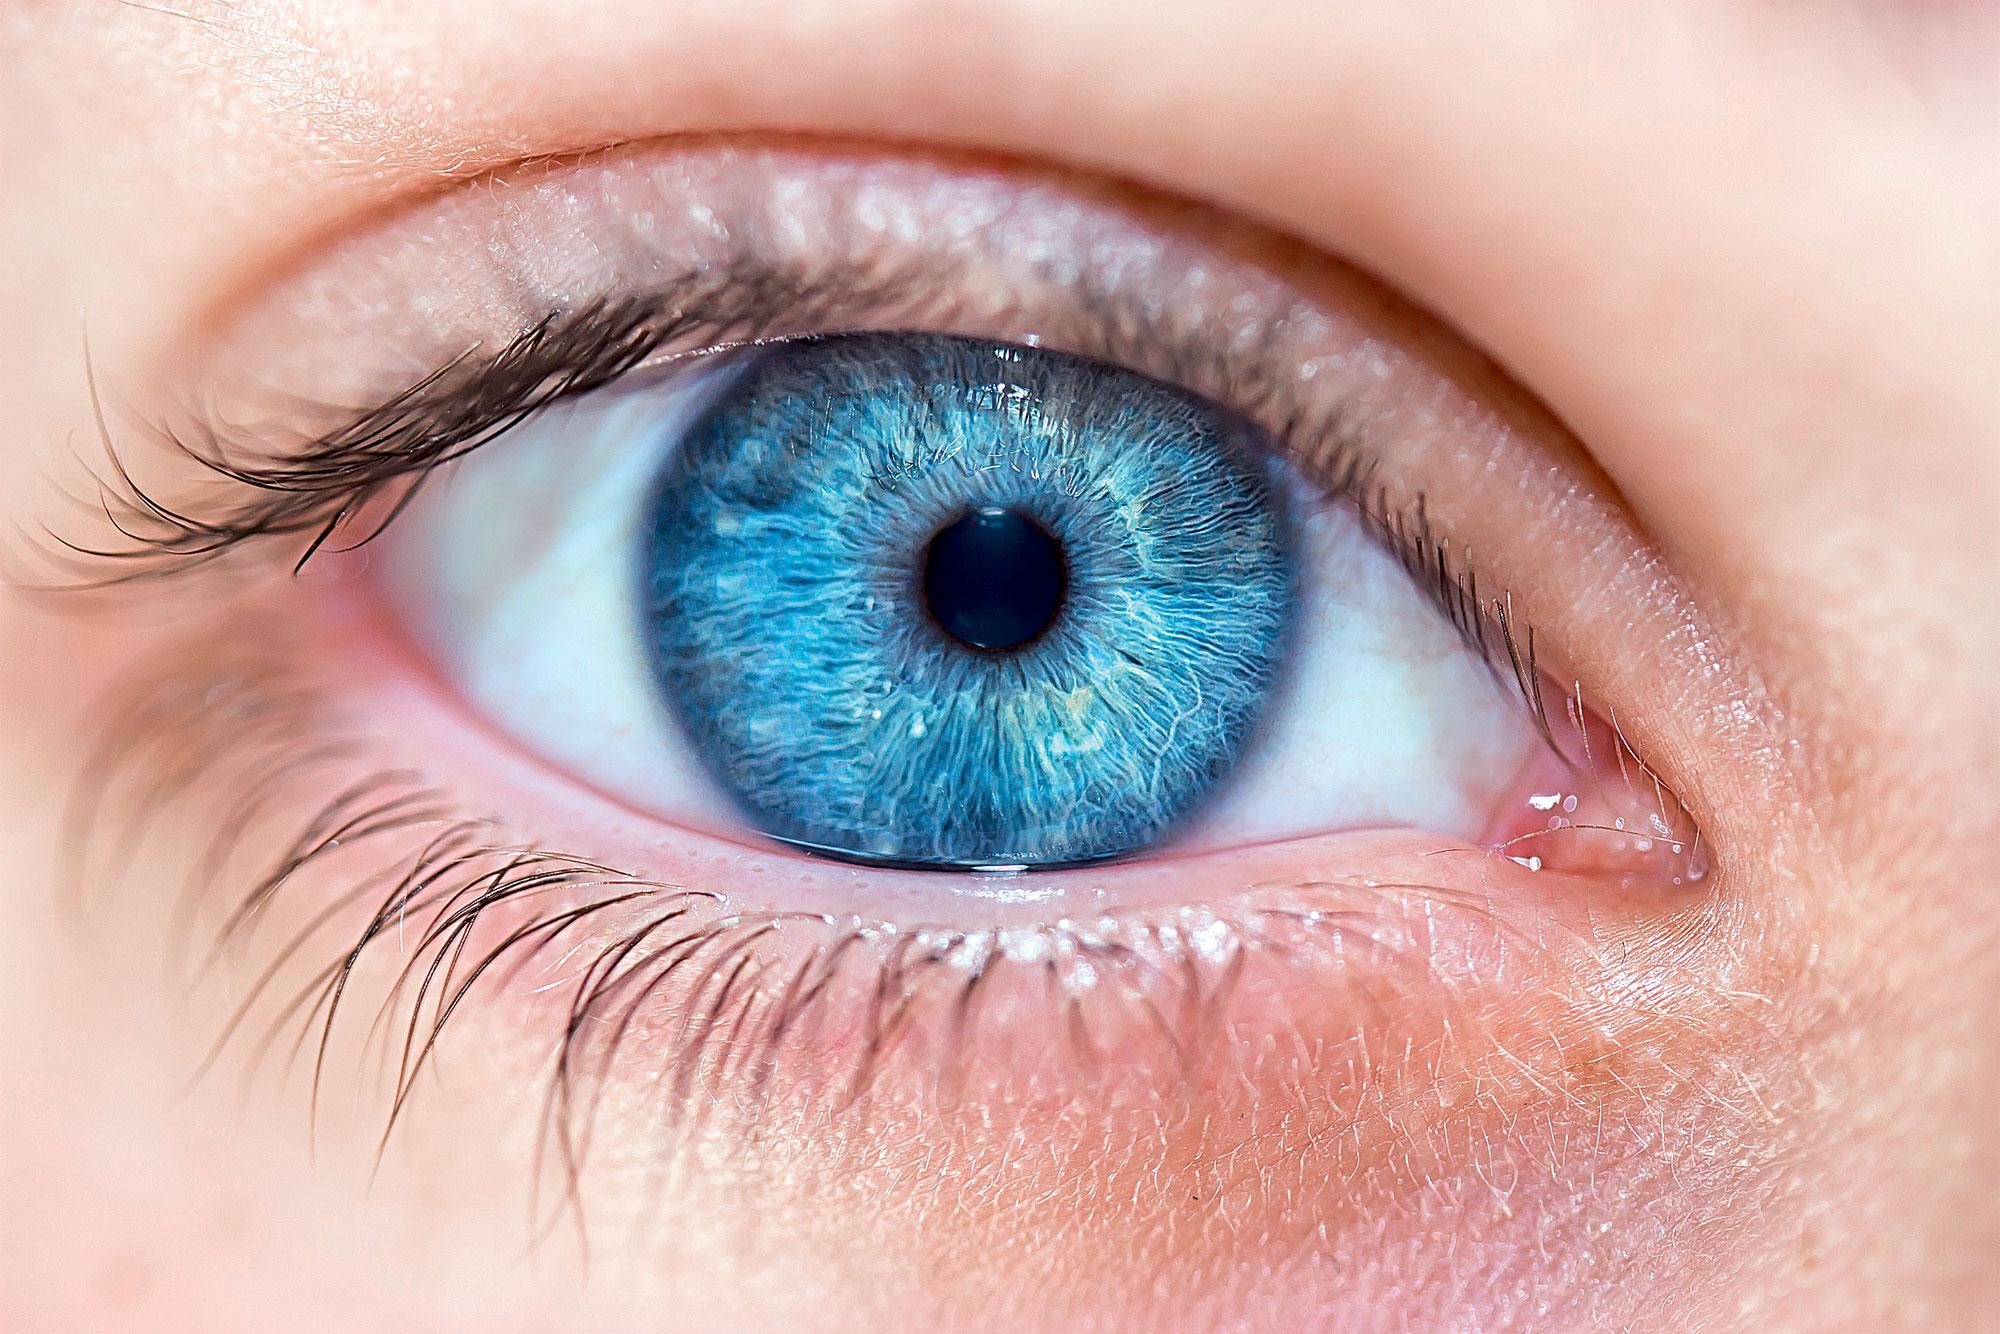 Le bleu, une couleur rare dans la nature